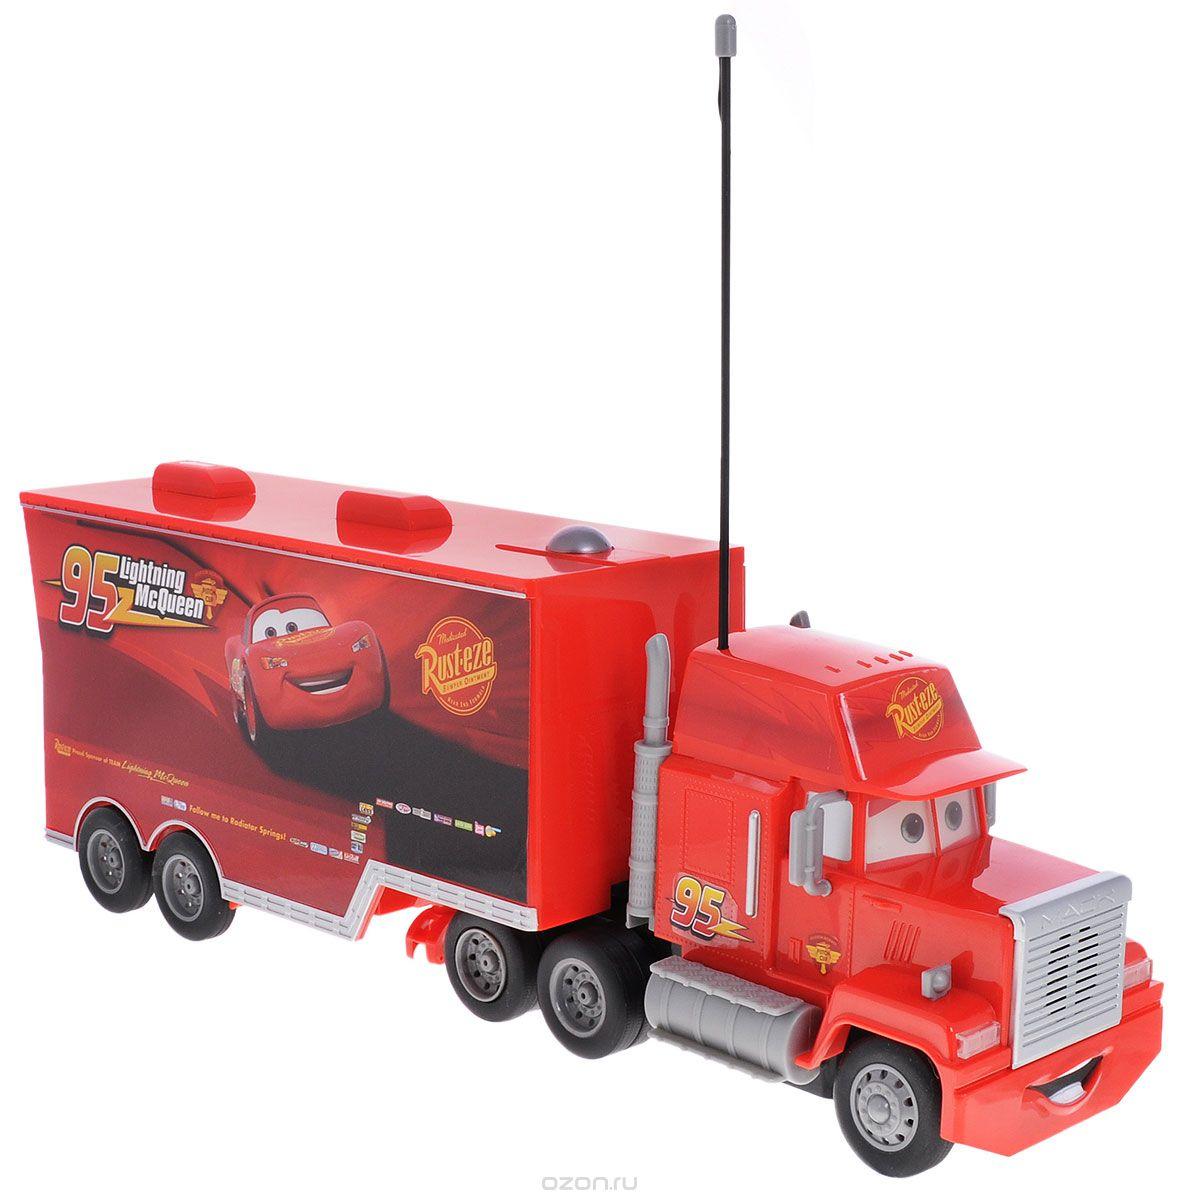 Dickie Toys Машина на радиоуправлении Мак Трак3089535Машина с дистанционным управлением Cars Мак Трак со световыми и звуковыми эффектами непременно понравится вашему ребенку. Машина выполнена из безопасного пластика в виде грузовика Мака - персонажа мультфильма Тачки. Машина ездит по поверхности, управляемая пультом. Также она оснащена большим прицепным фургоном, в который легко помещаются автомобили Dickie из серии Cars. В комплект входят машина, пульт управления и инструкция по эксплуатации на русском языке. Игрушки на радиоуправлении помогают ребенку не только весело проводить свое свободное время, но и развивать внимание и концентрацию. Порадуйте его таким замечательным подарком! Пульт управления работает от 3 батареек ААА, машина работает от 3 батареек АА (не входят в комплект).